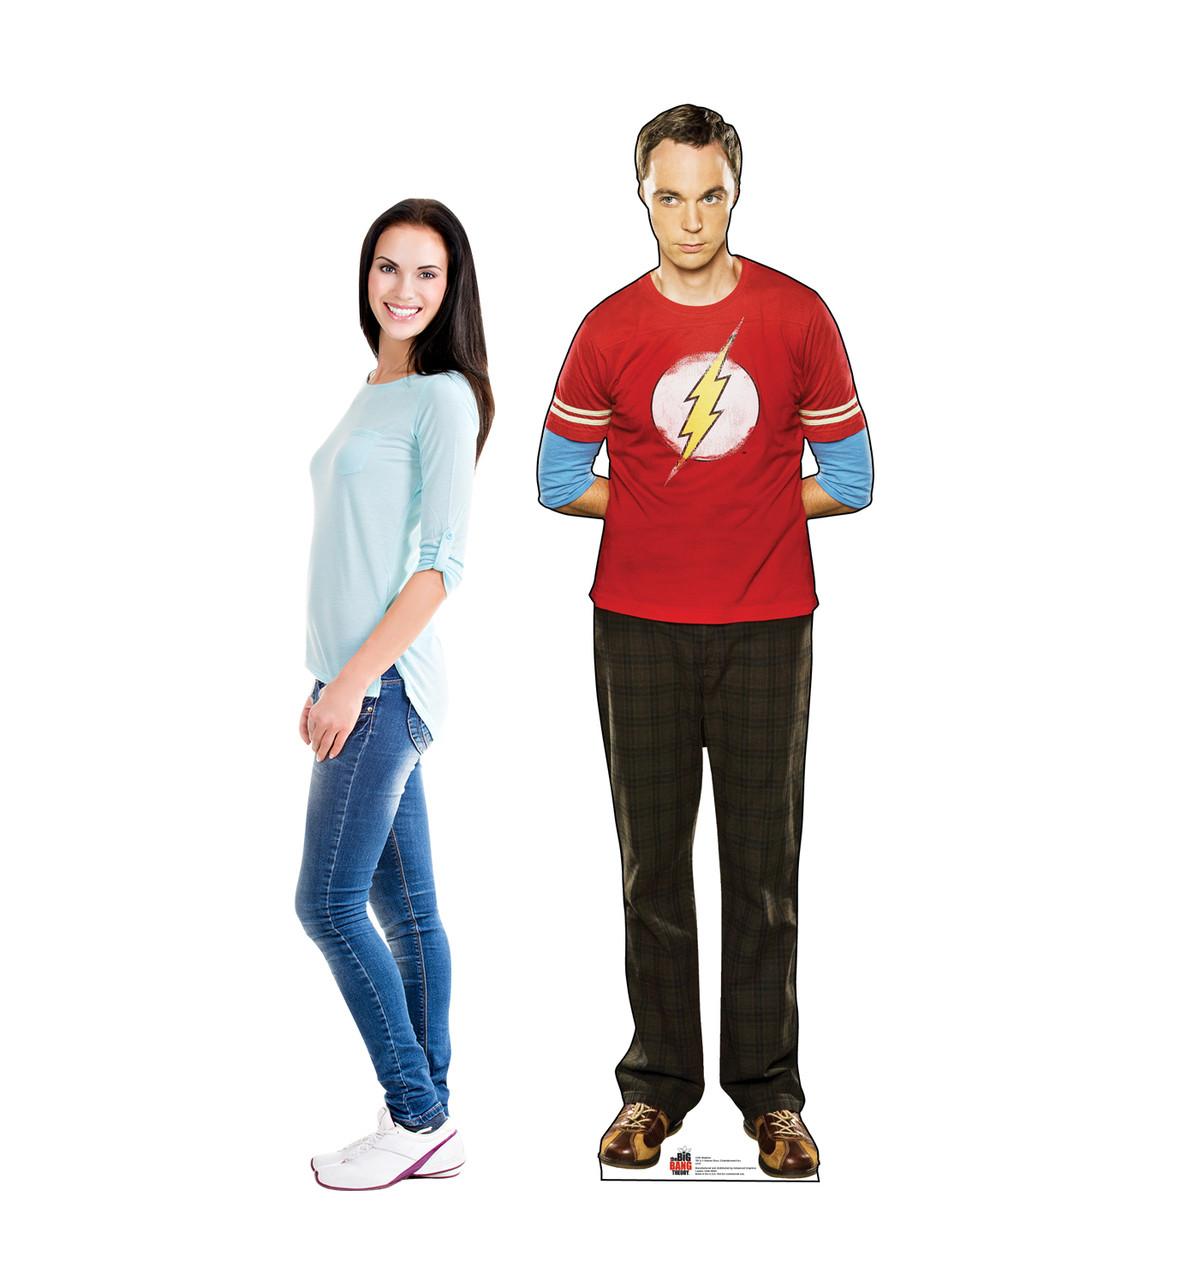 Life-size Sheldon - Big Bang Theory 1 Cardboard Standup